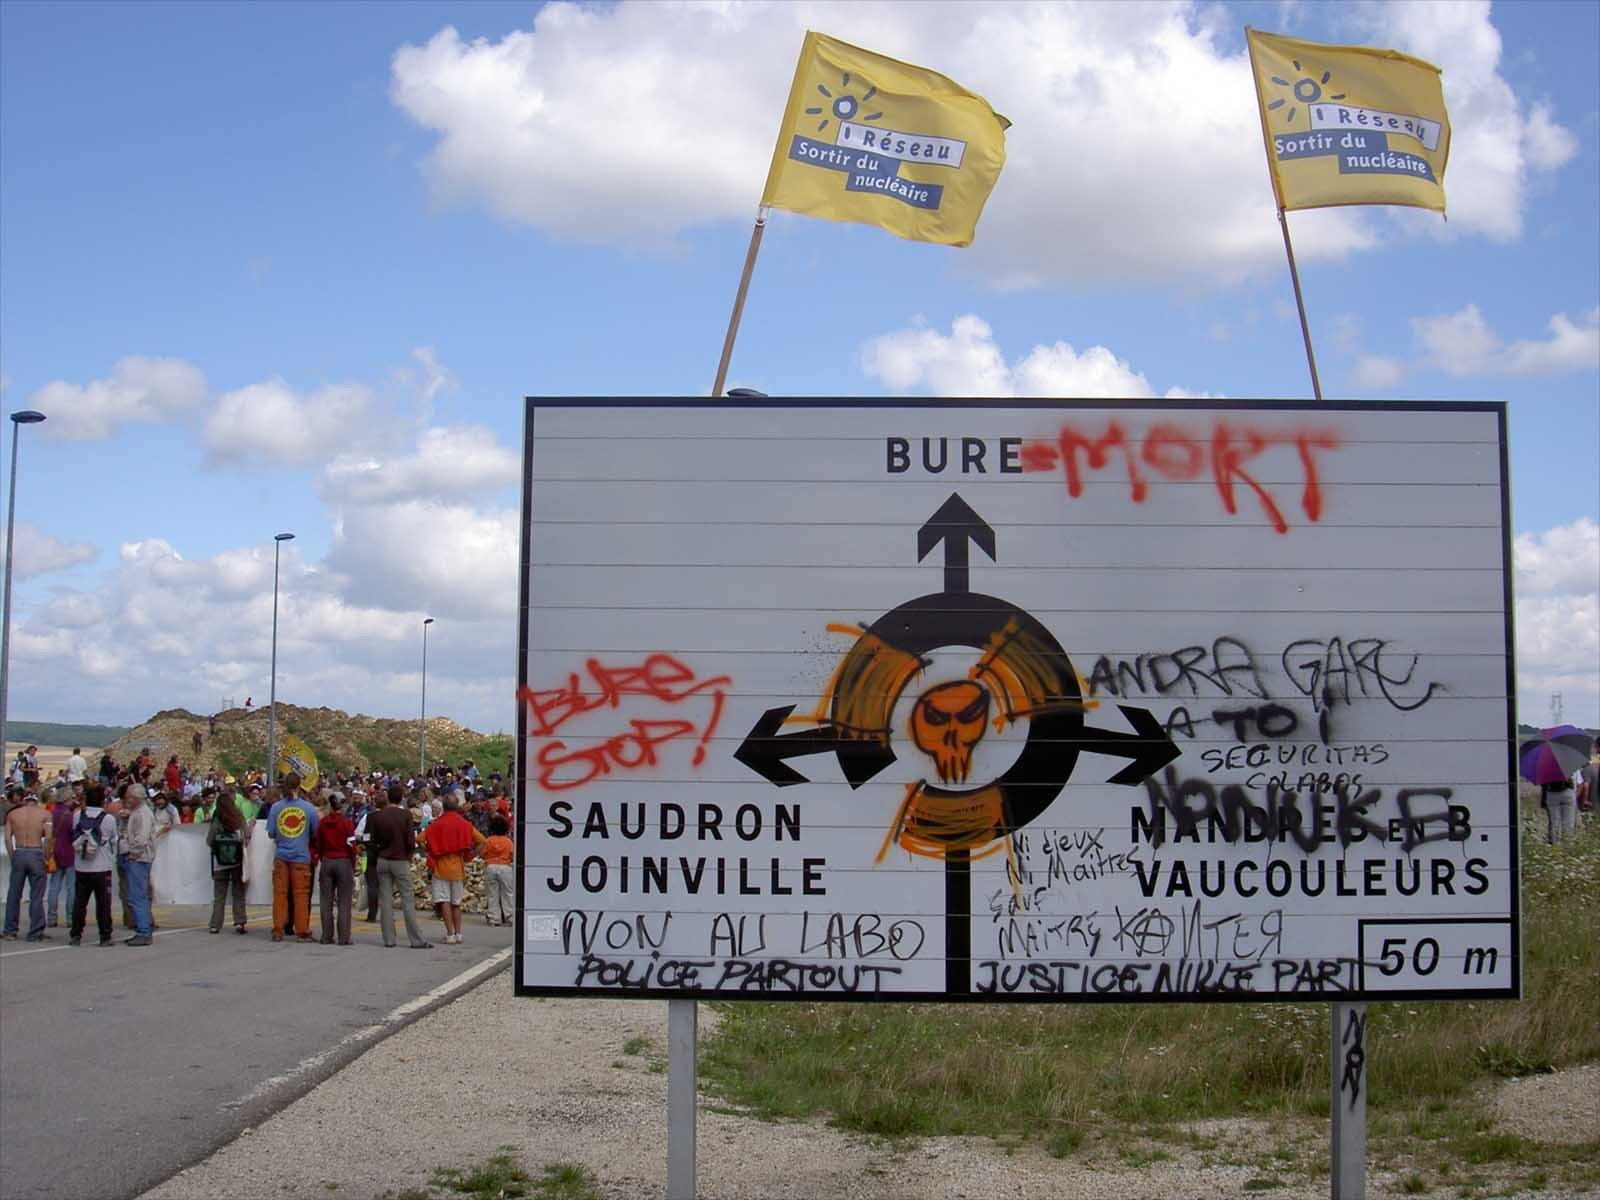 http://blog.eichhoernchen.fr/public/Bilder-fuer-Artikeln/Bure/barbouille.jpg